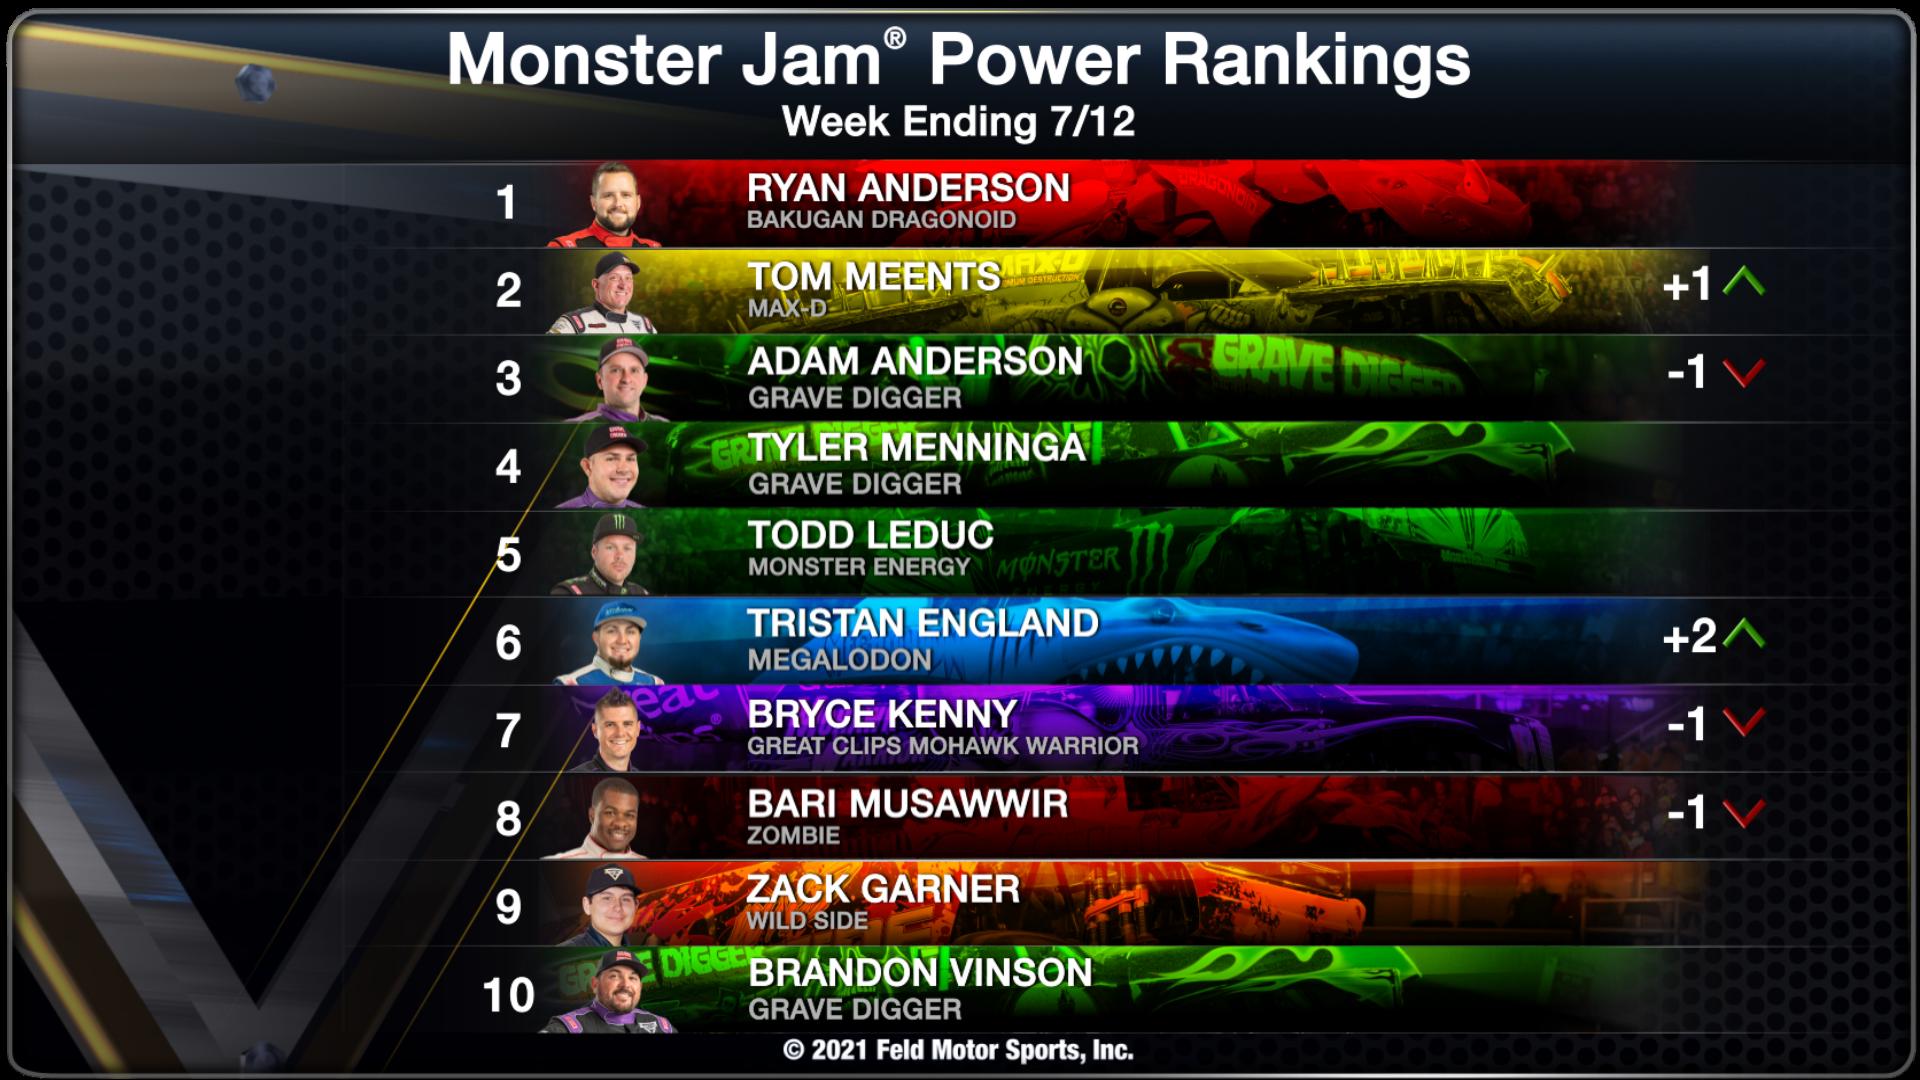 Power Rankings - Week Ending 07/12/21